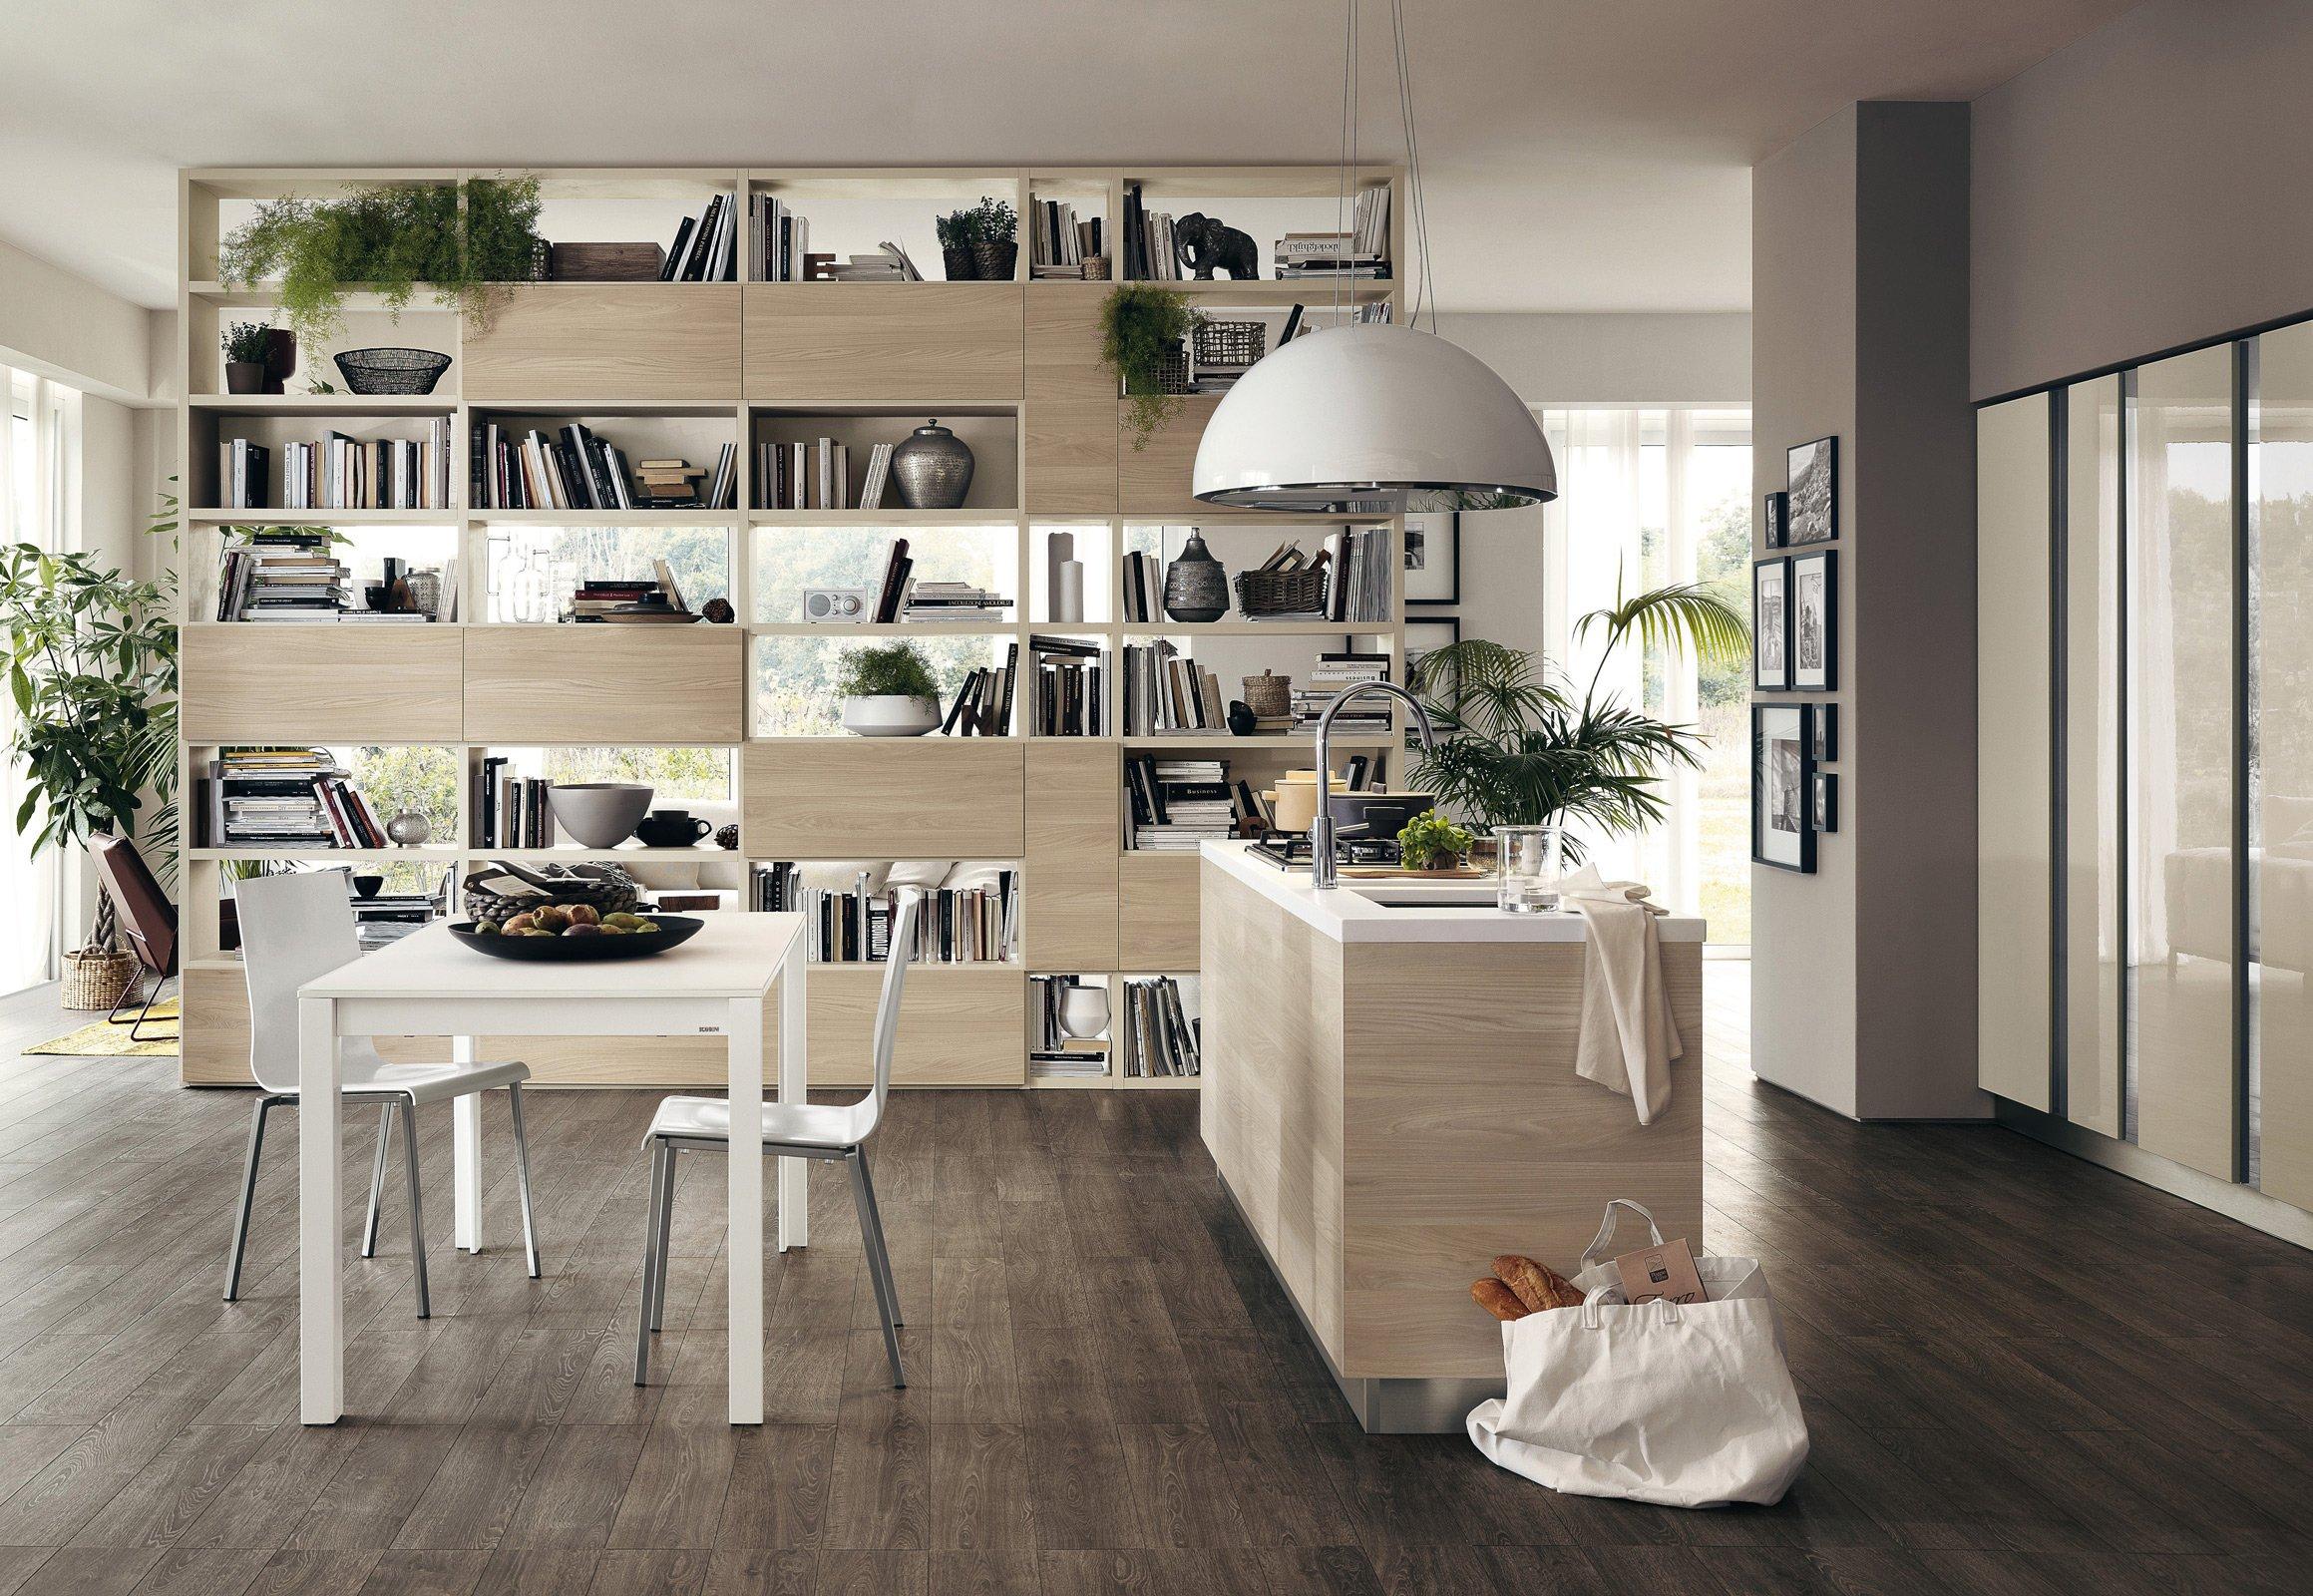 Come Dividere Sala E Cucina separare la cucina: 9 soluzioni da copiare - cose di casa